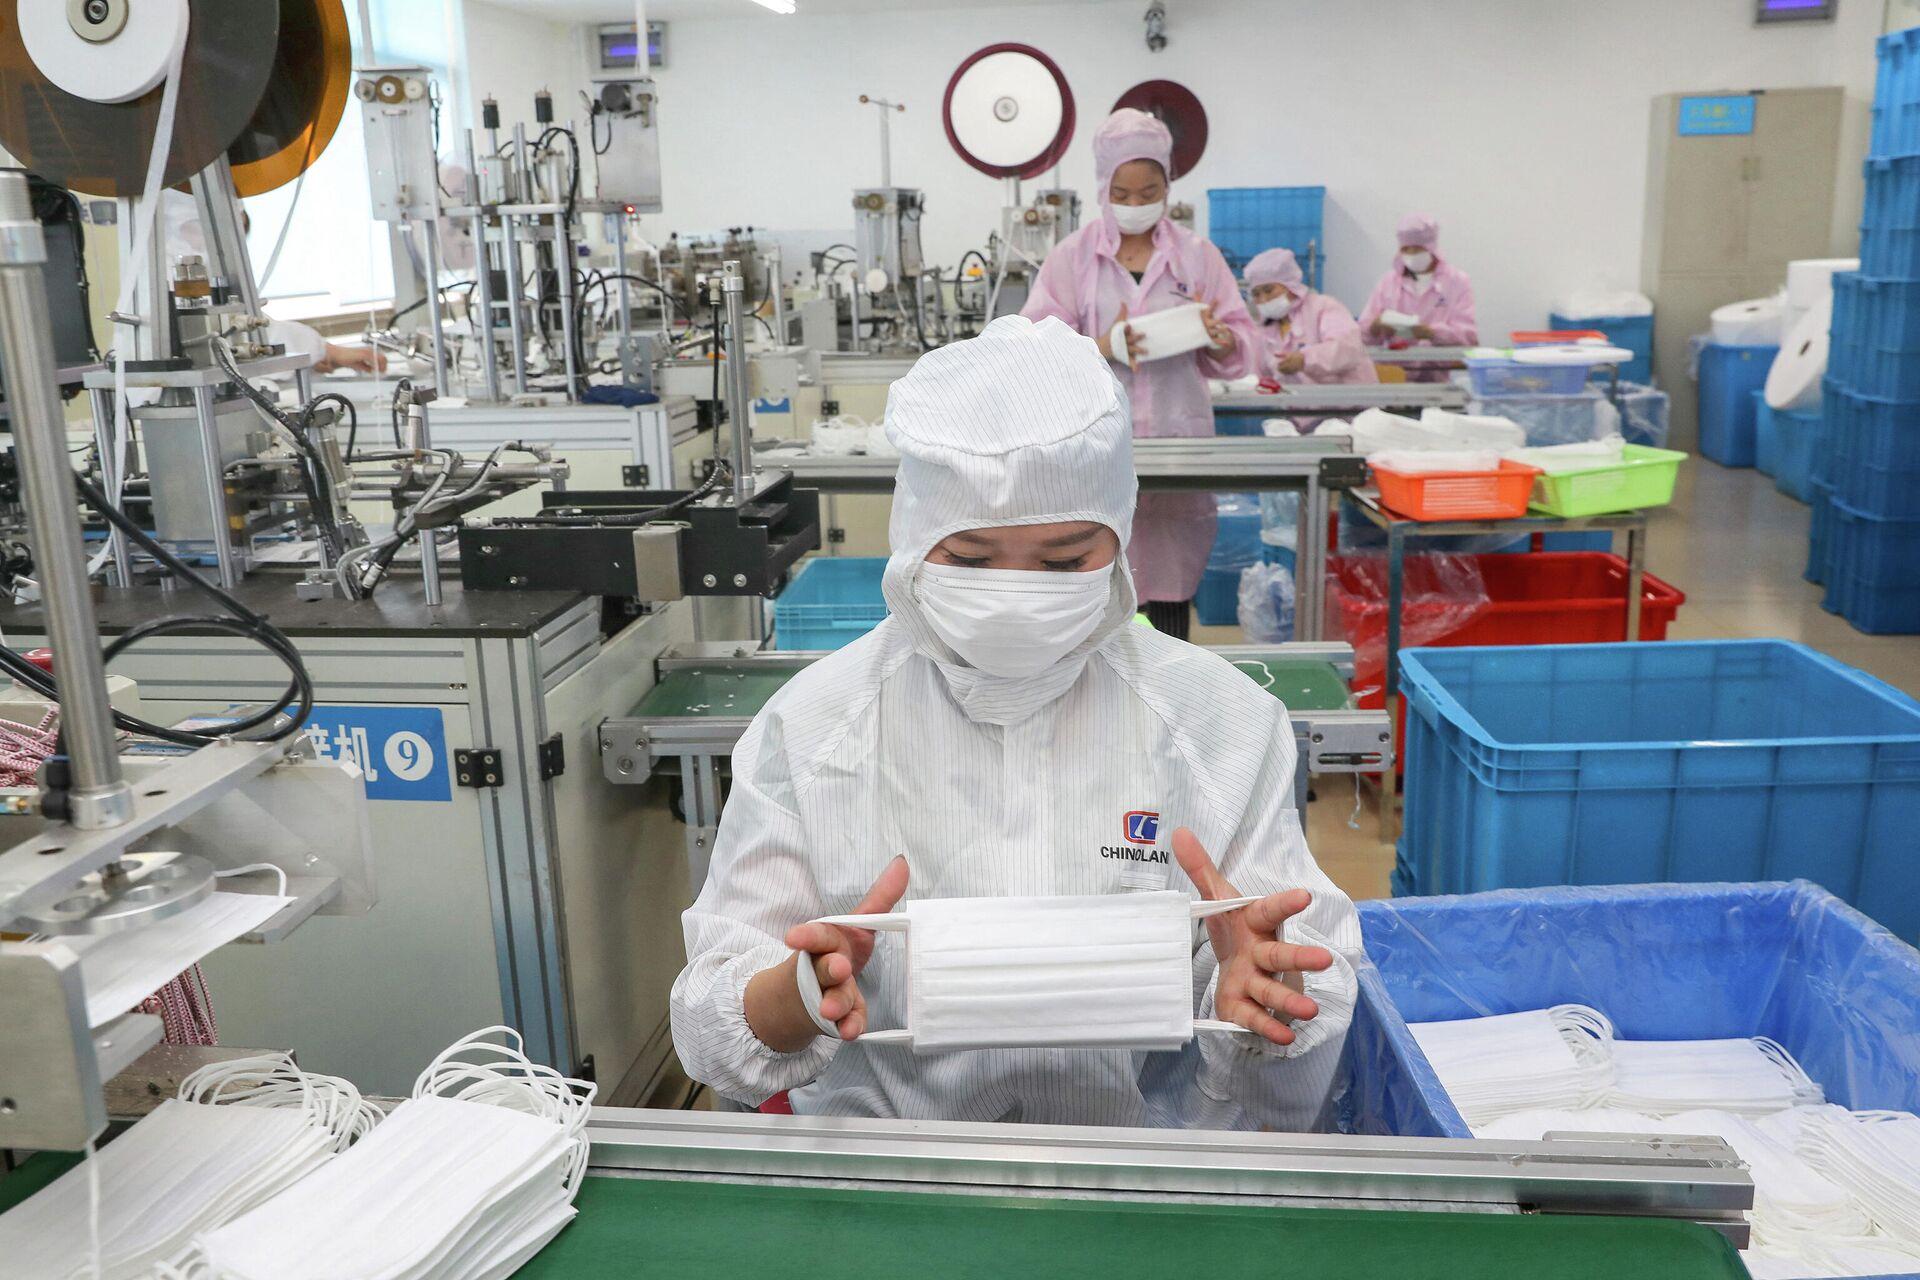 Догнать и перегнать Америку. Помог ли китайской экономике коронавирус